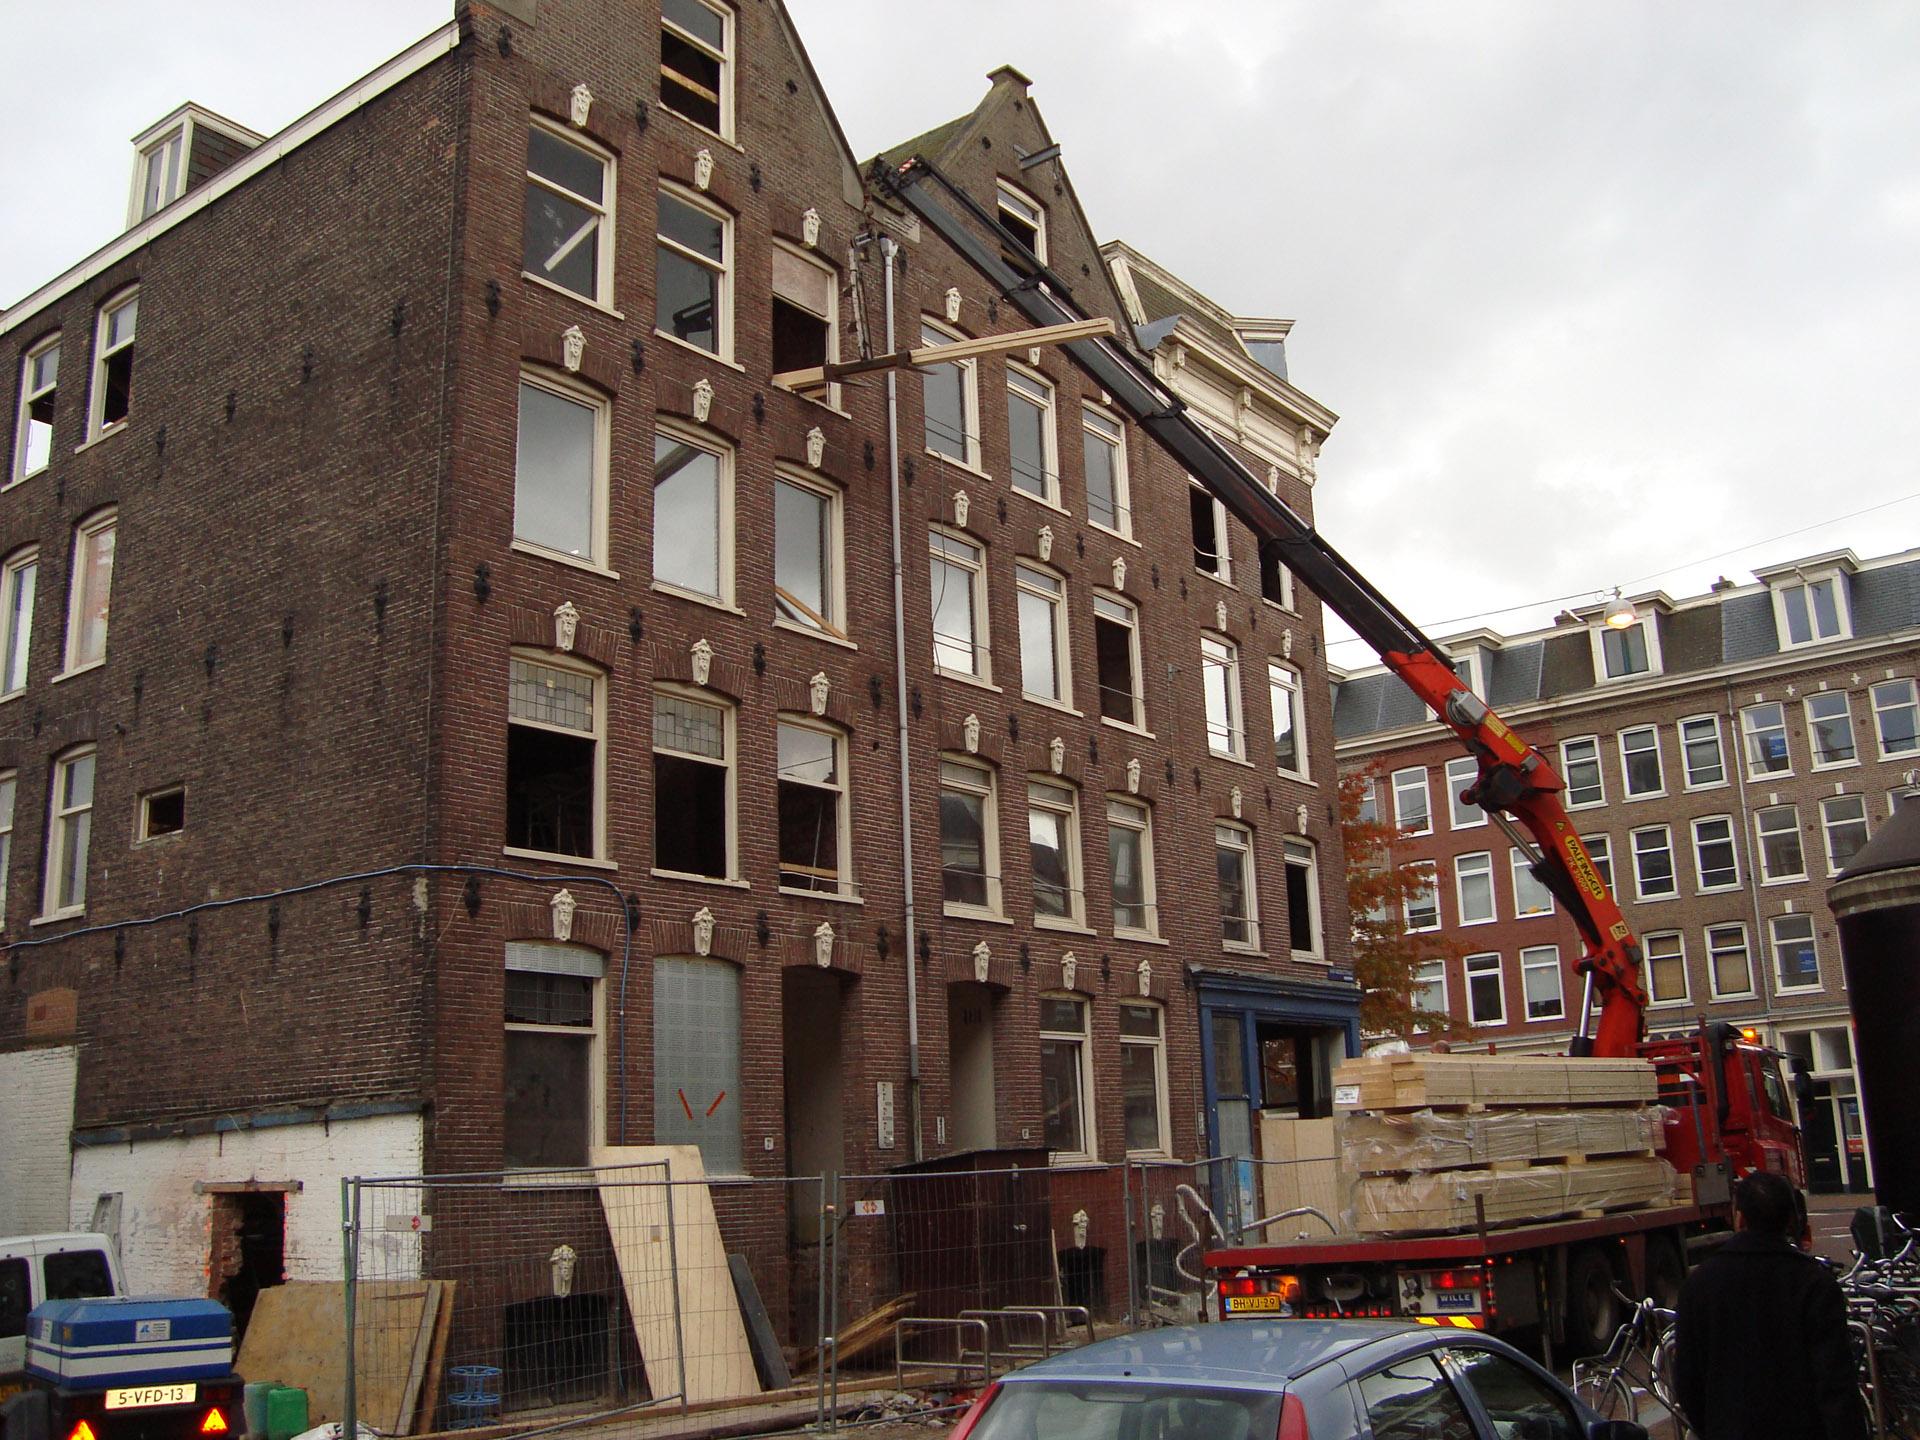 https://www.kroombv.nl/wp-content/uploads/2017/05/aannemer_amsterdam_renovatie_verbouwing_kroom_noordtstraat1.jpeg